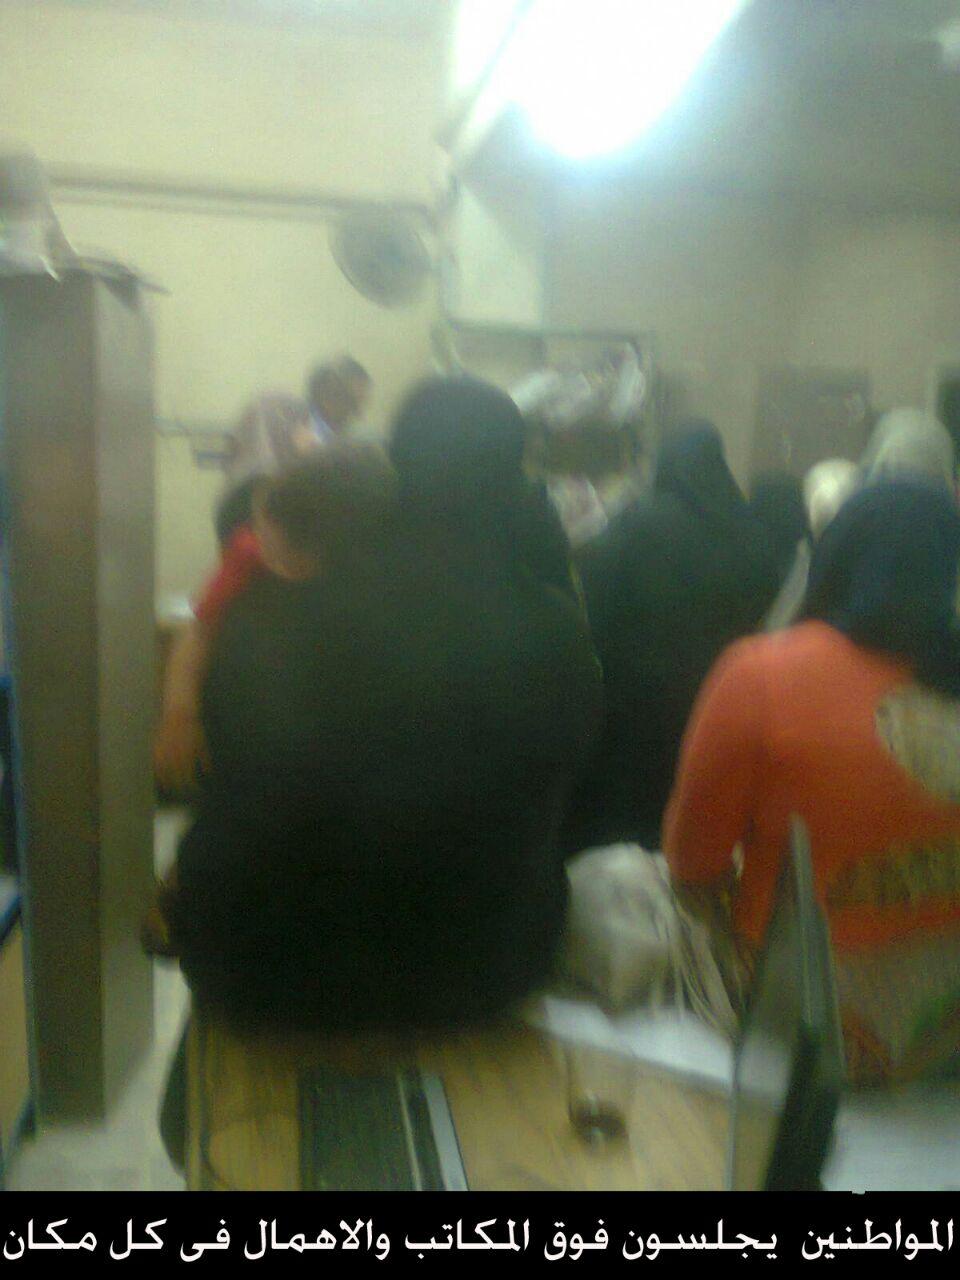 فوضى في تأمينات حلوان.. وشكوى بسوء تعامل موظفيه مع المواطنين (صور)